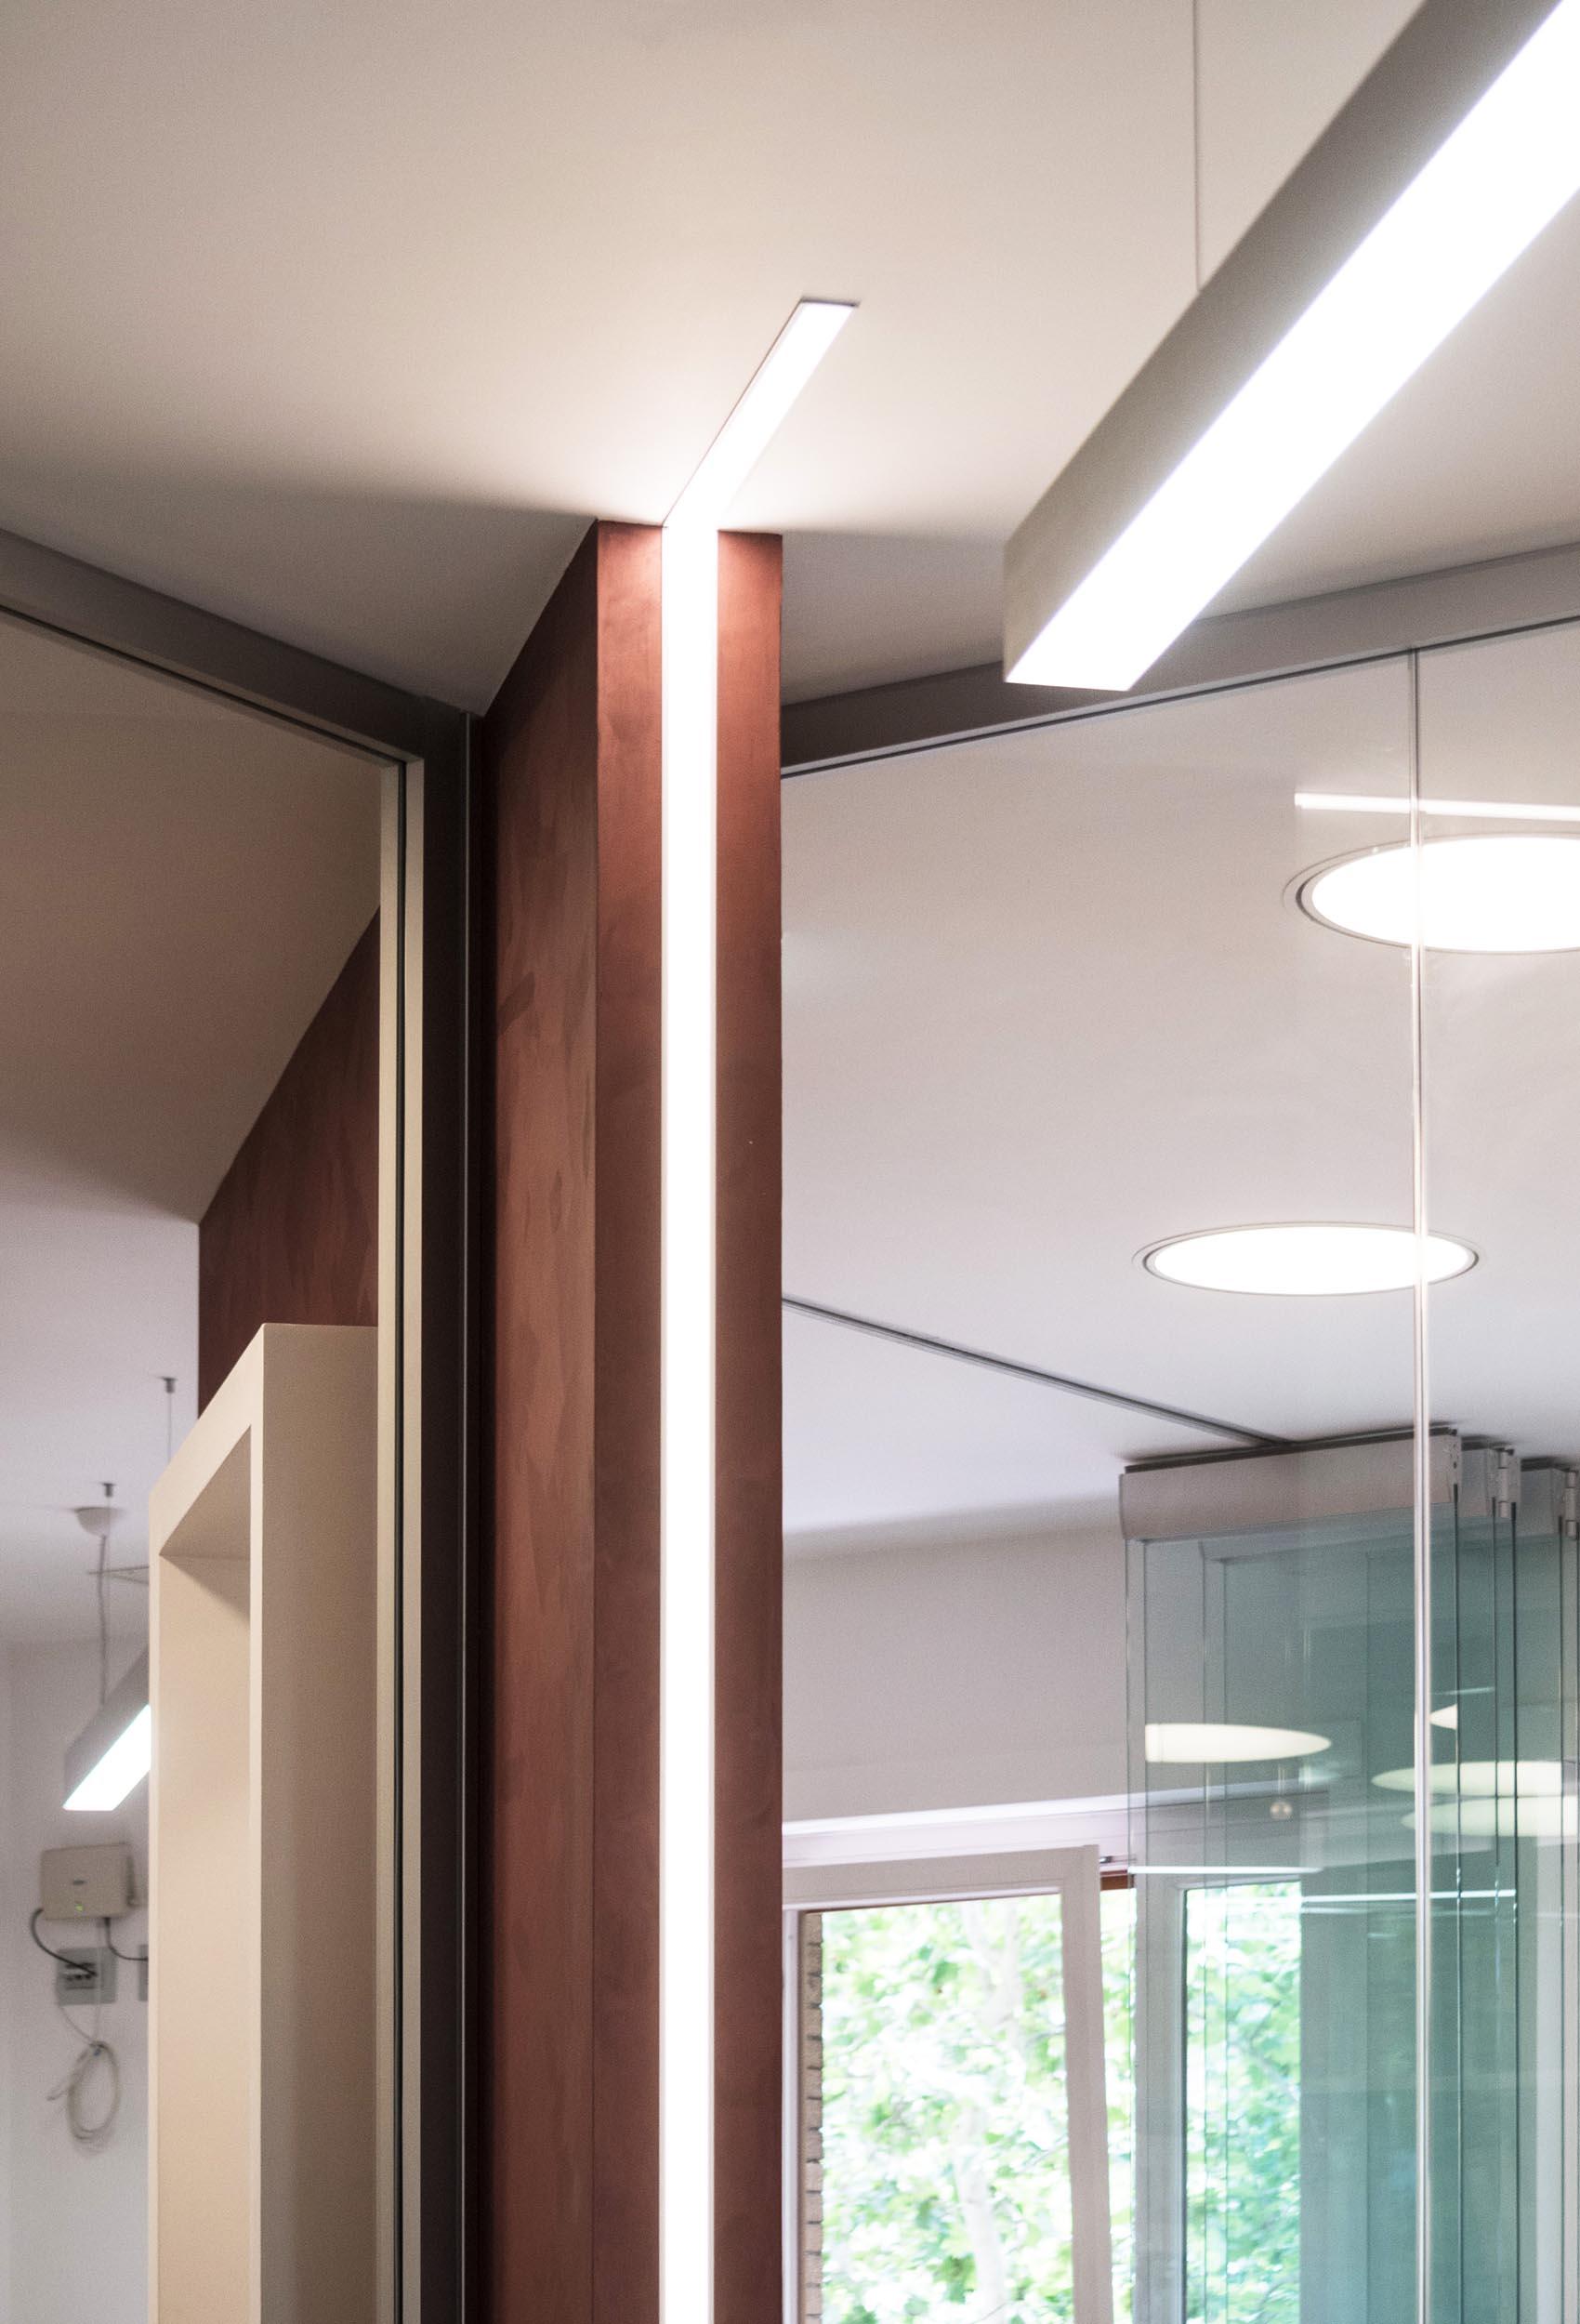 studio-architettura-fad-fabrizio-forniti-roma13